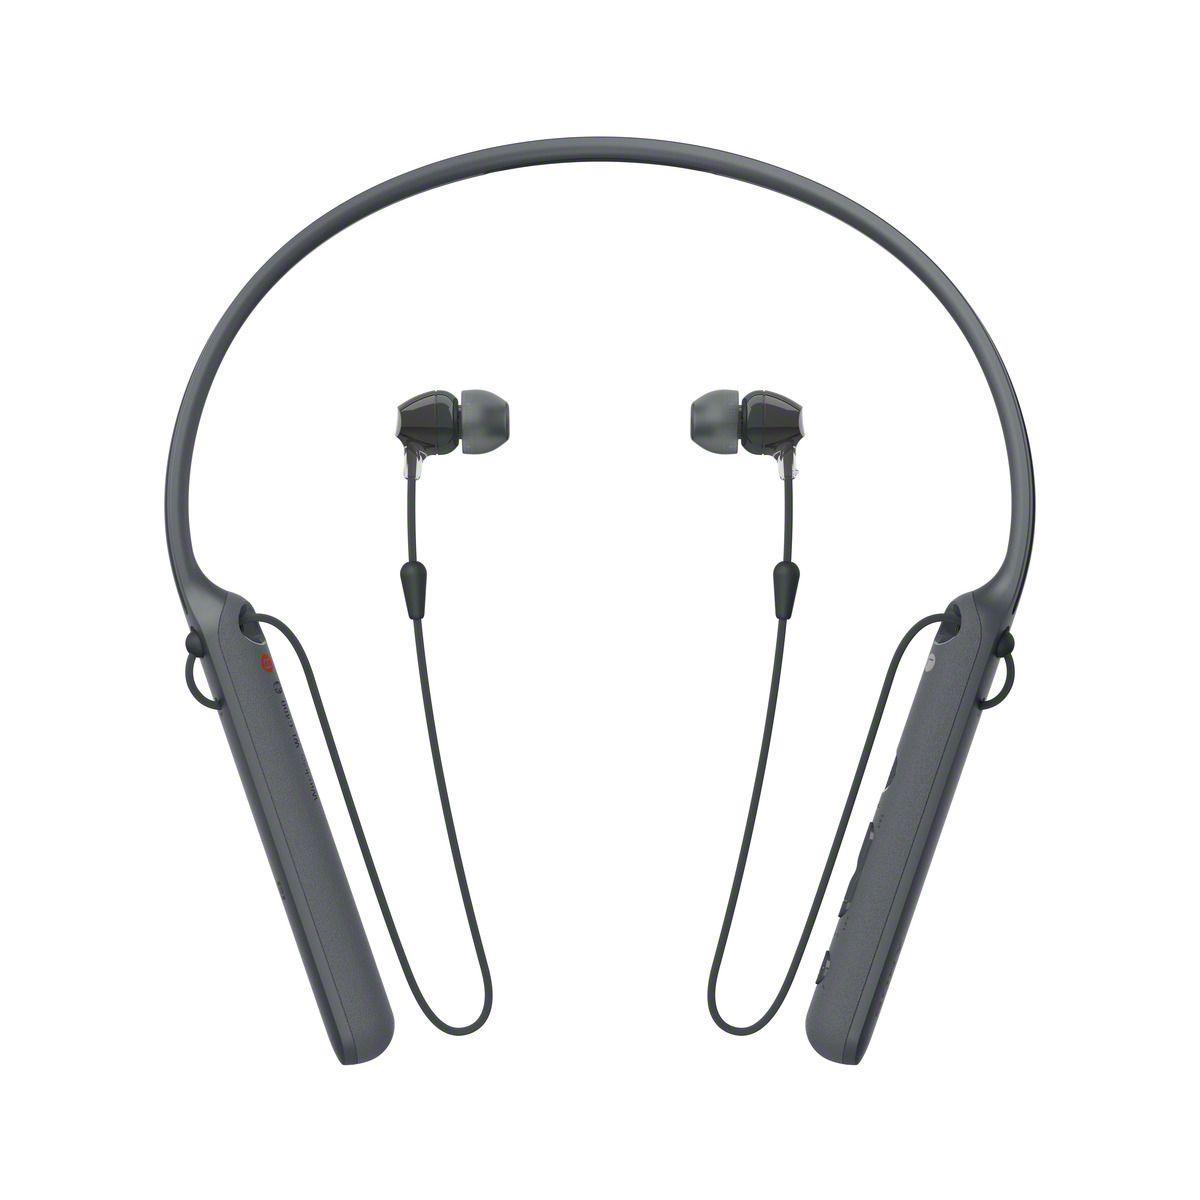 Ecouteurs intra sony wic400b noir - 20% de remise imm�diate avec le code : fete20